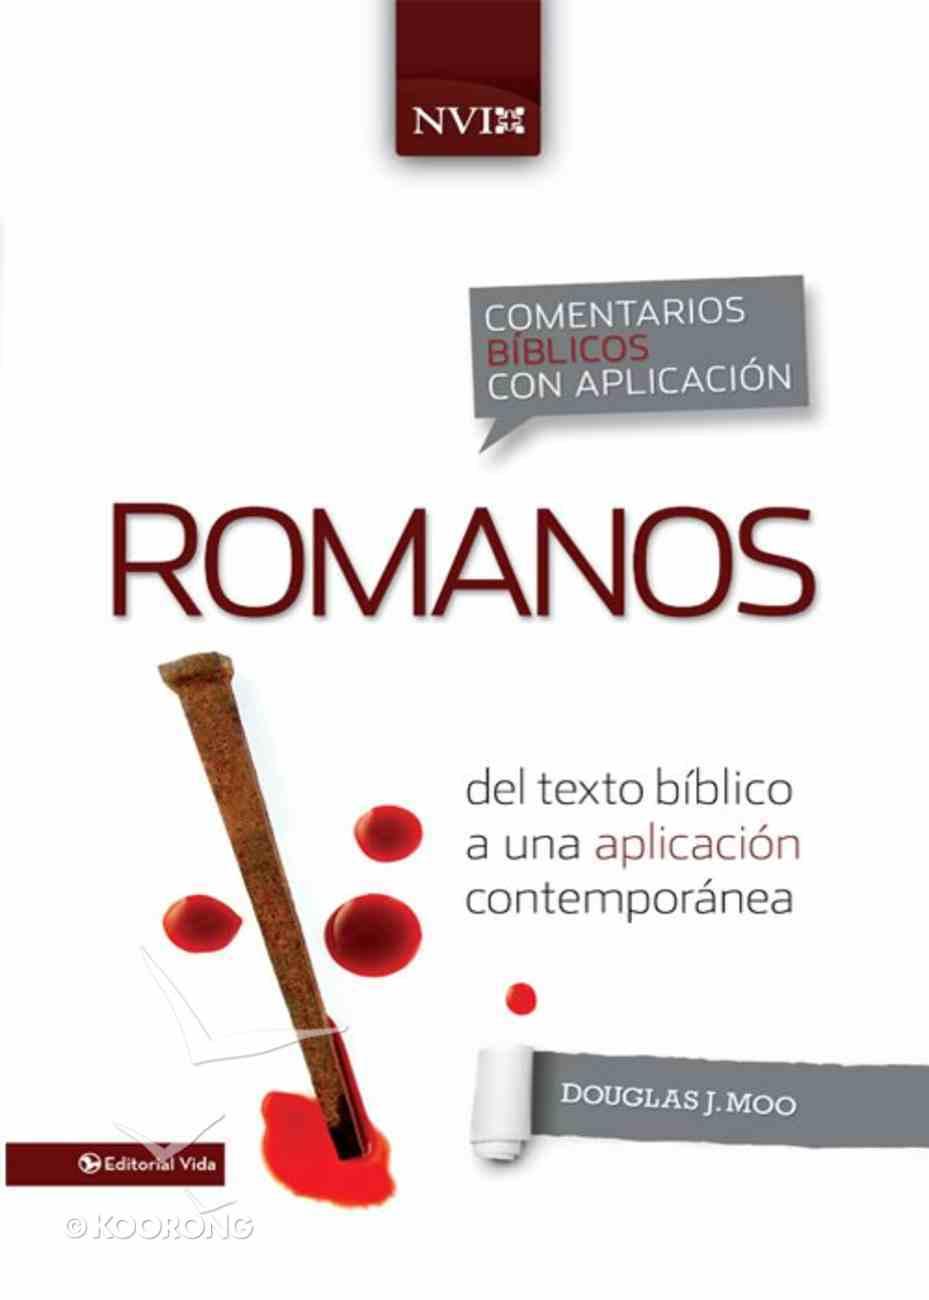 Comentarios Biblicos Con Aplicacion Nvi: Romanos (Spa) (Romans) (Niv Application Commentary Series) eBook